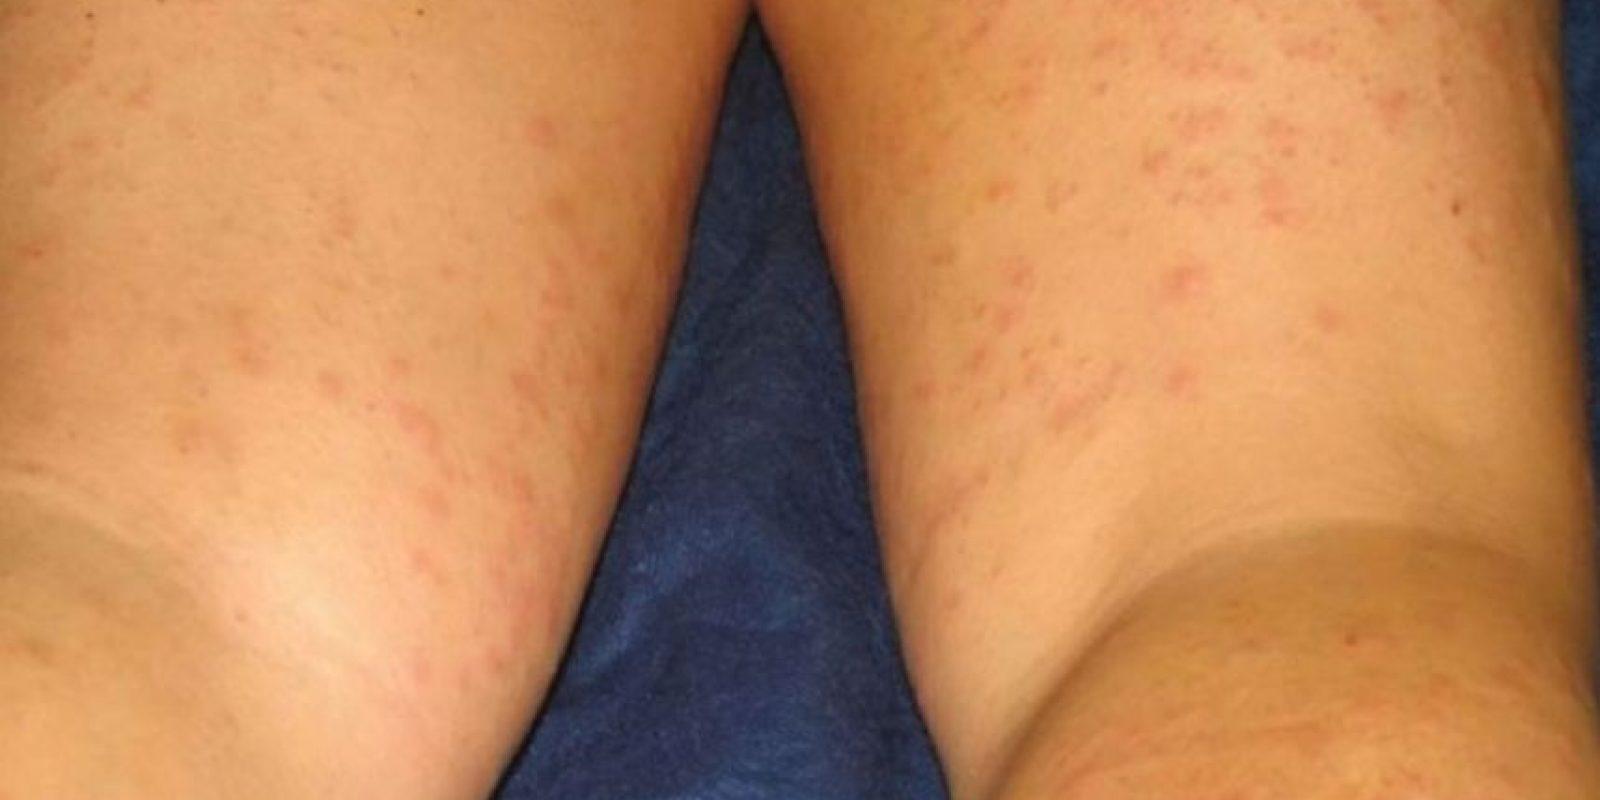 Esta chica resultó alérgica a un componente de su crema para depilar. Foto:Vía Instagram/#DepilacionFail